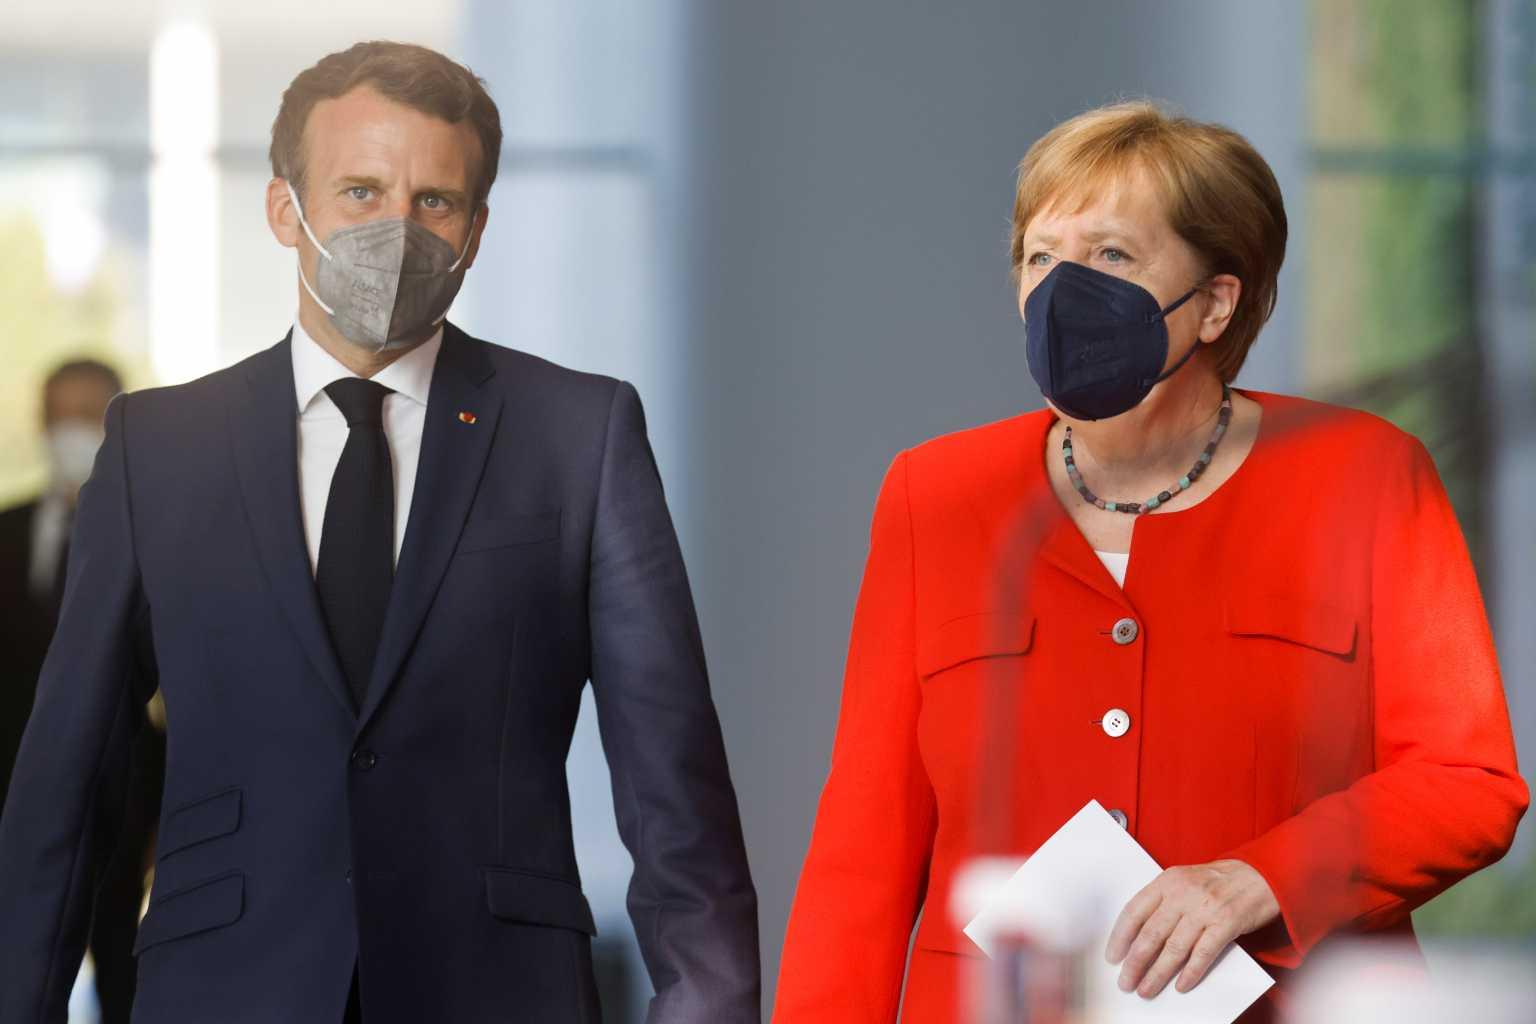 Γαλλία και Γερμανία βάζουν μπλόκο στους Βρετανούς τουρίστες λόγω της μετάλλαξης Δέλτα